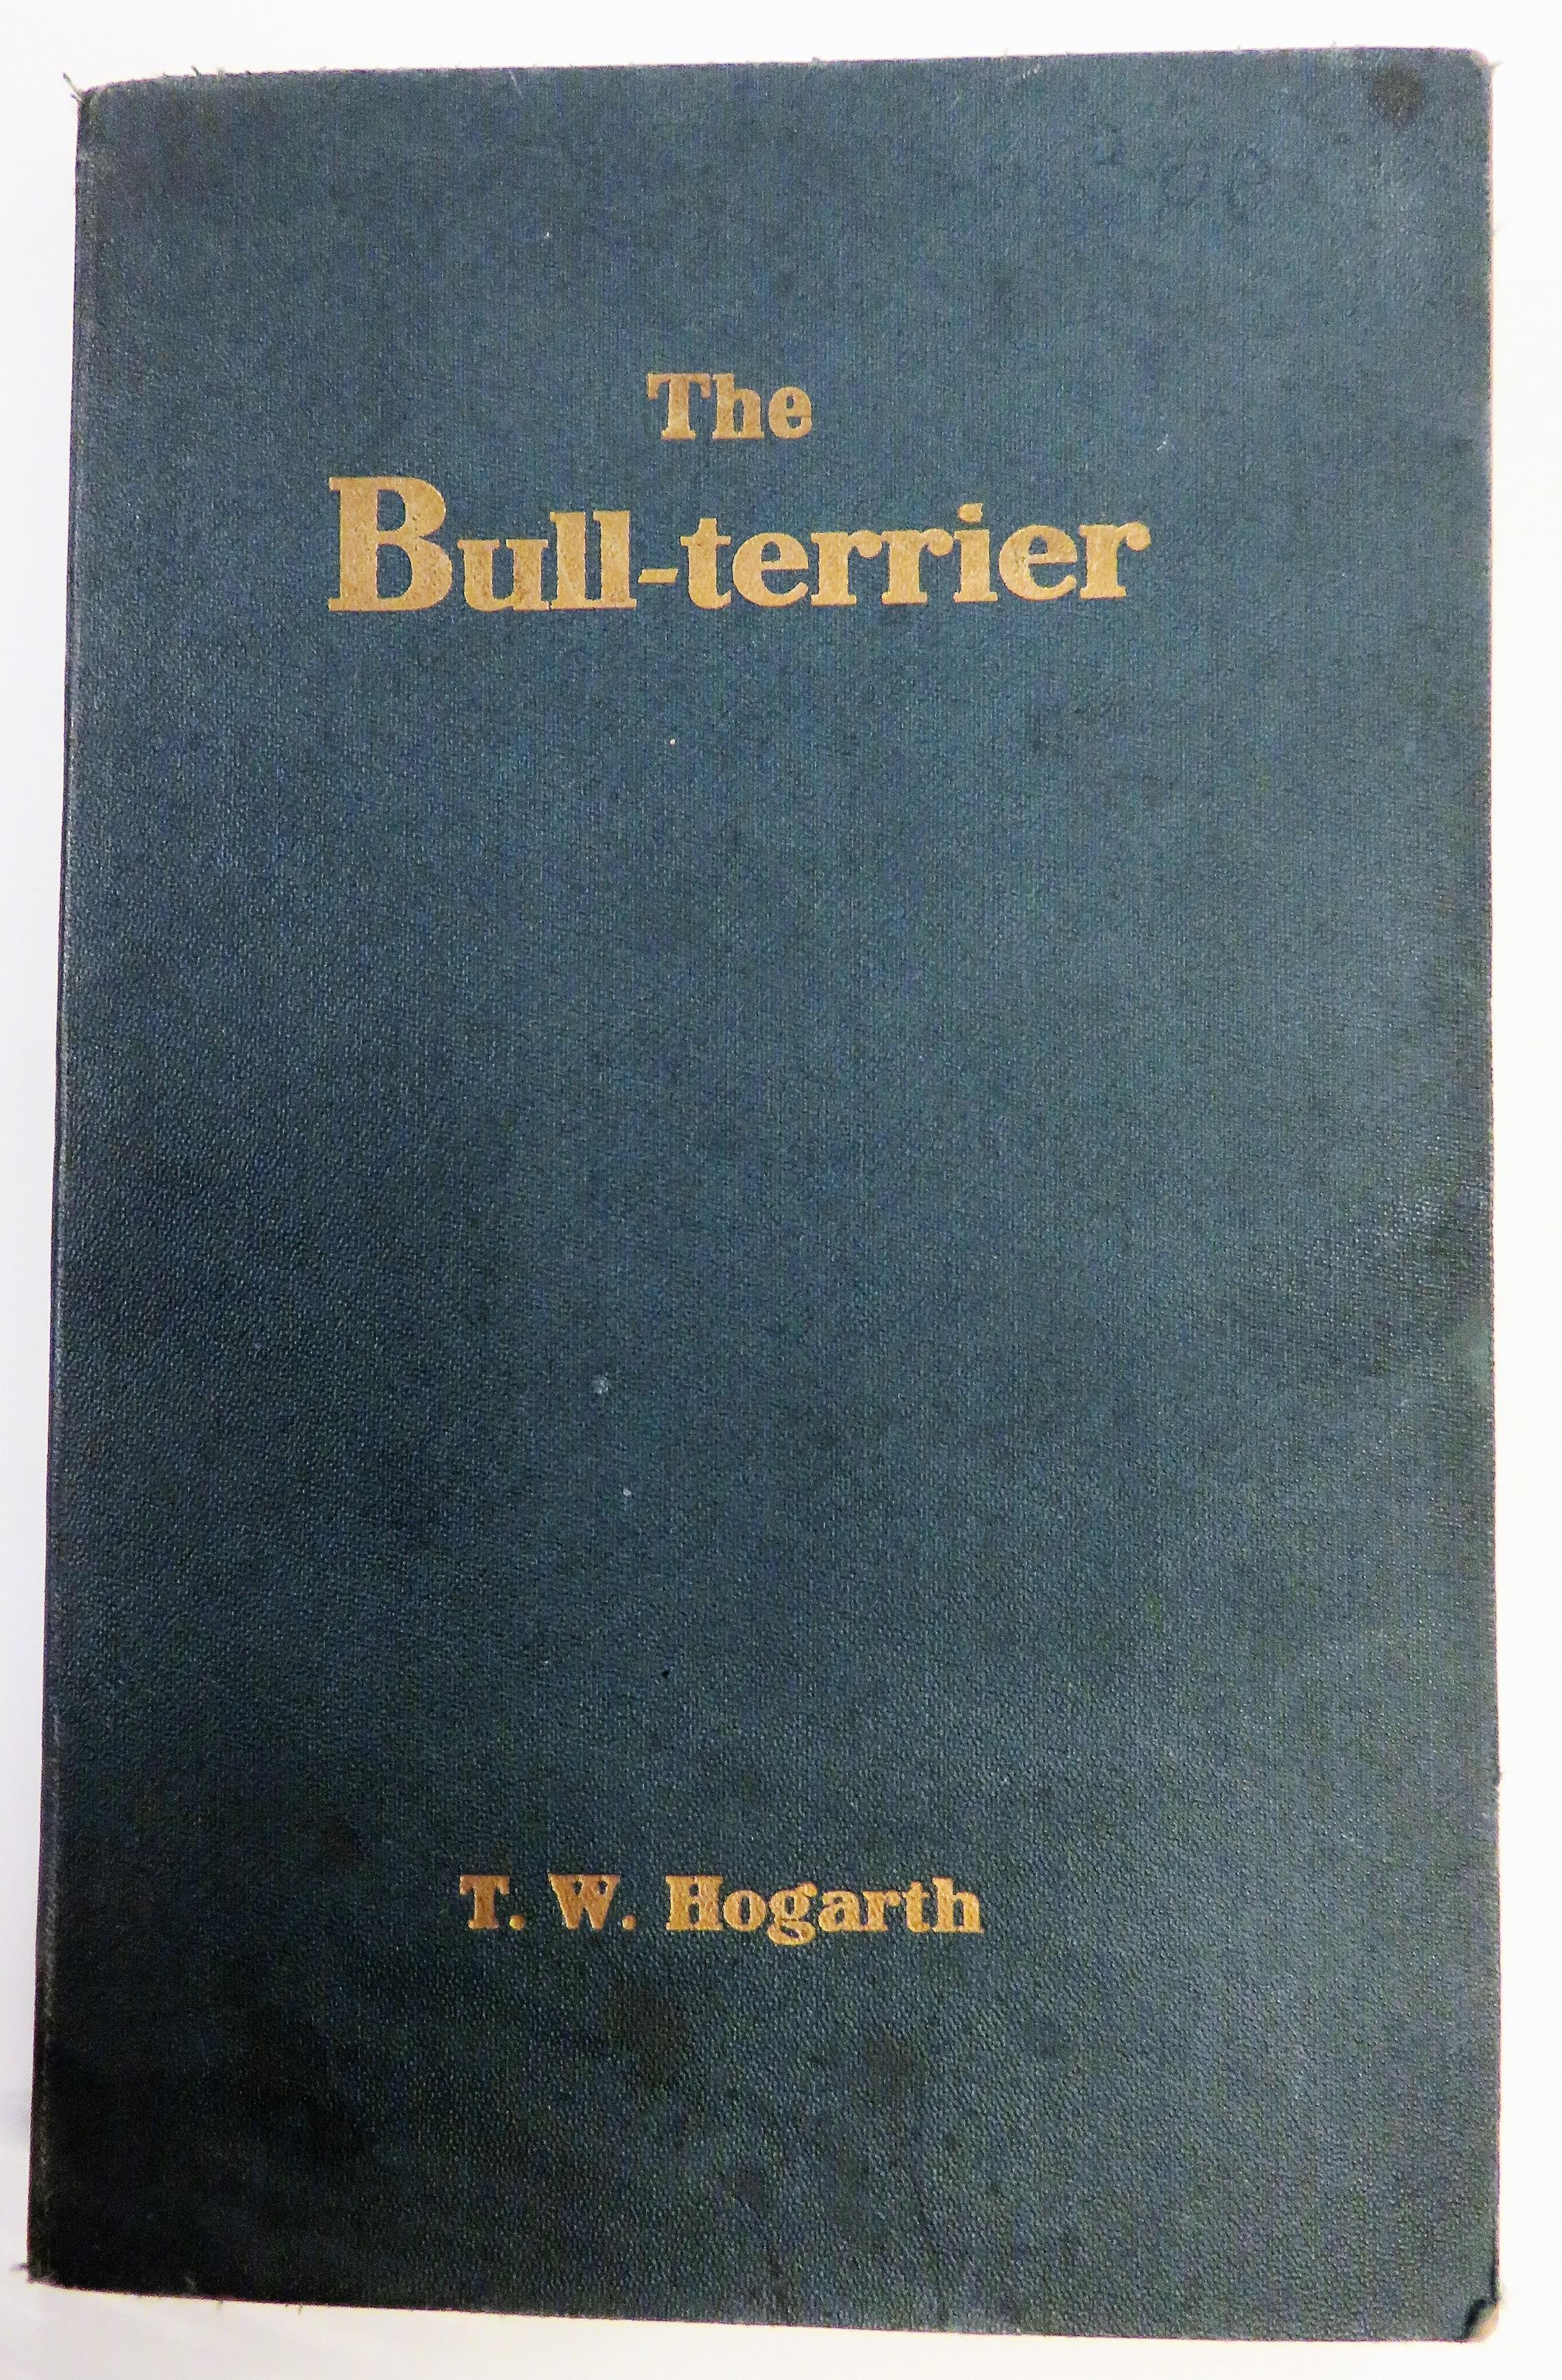 The Bull Terrierr